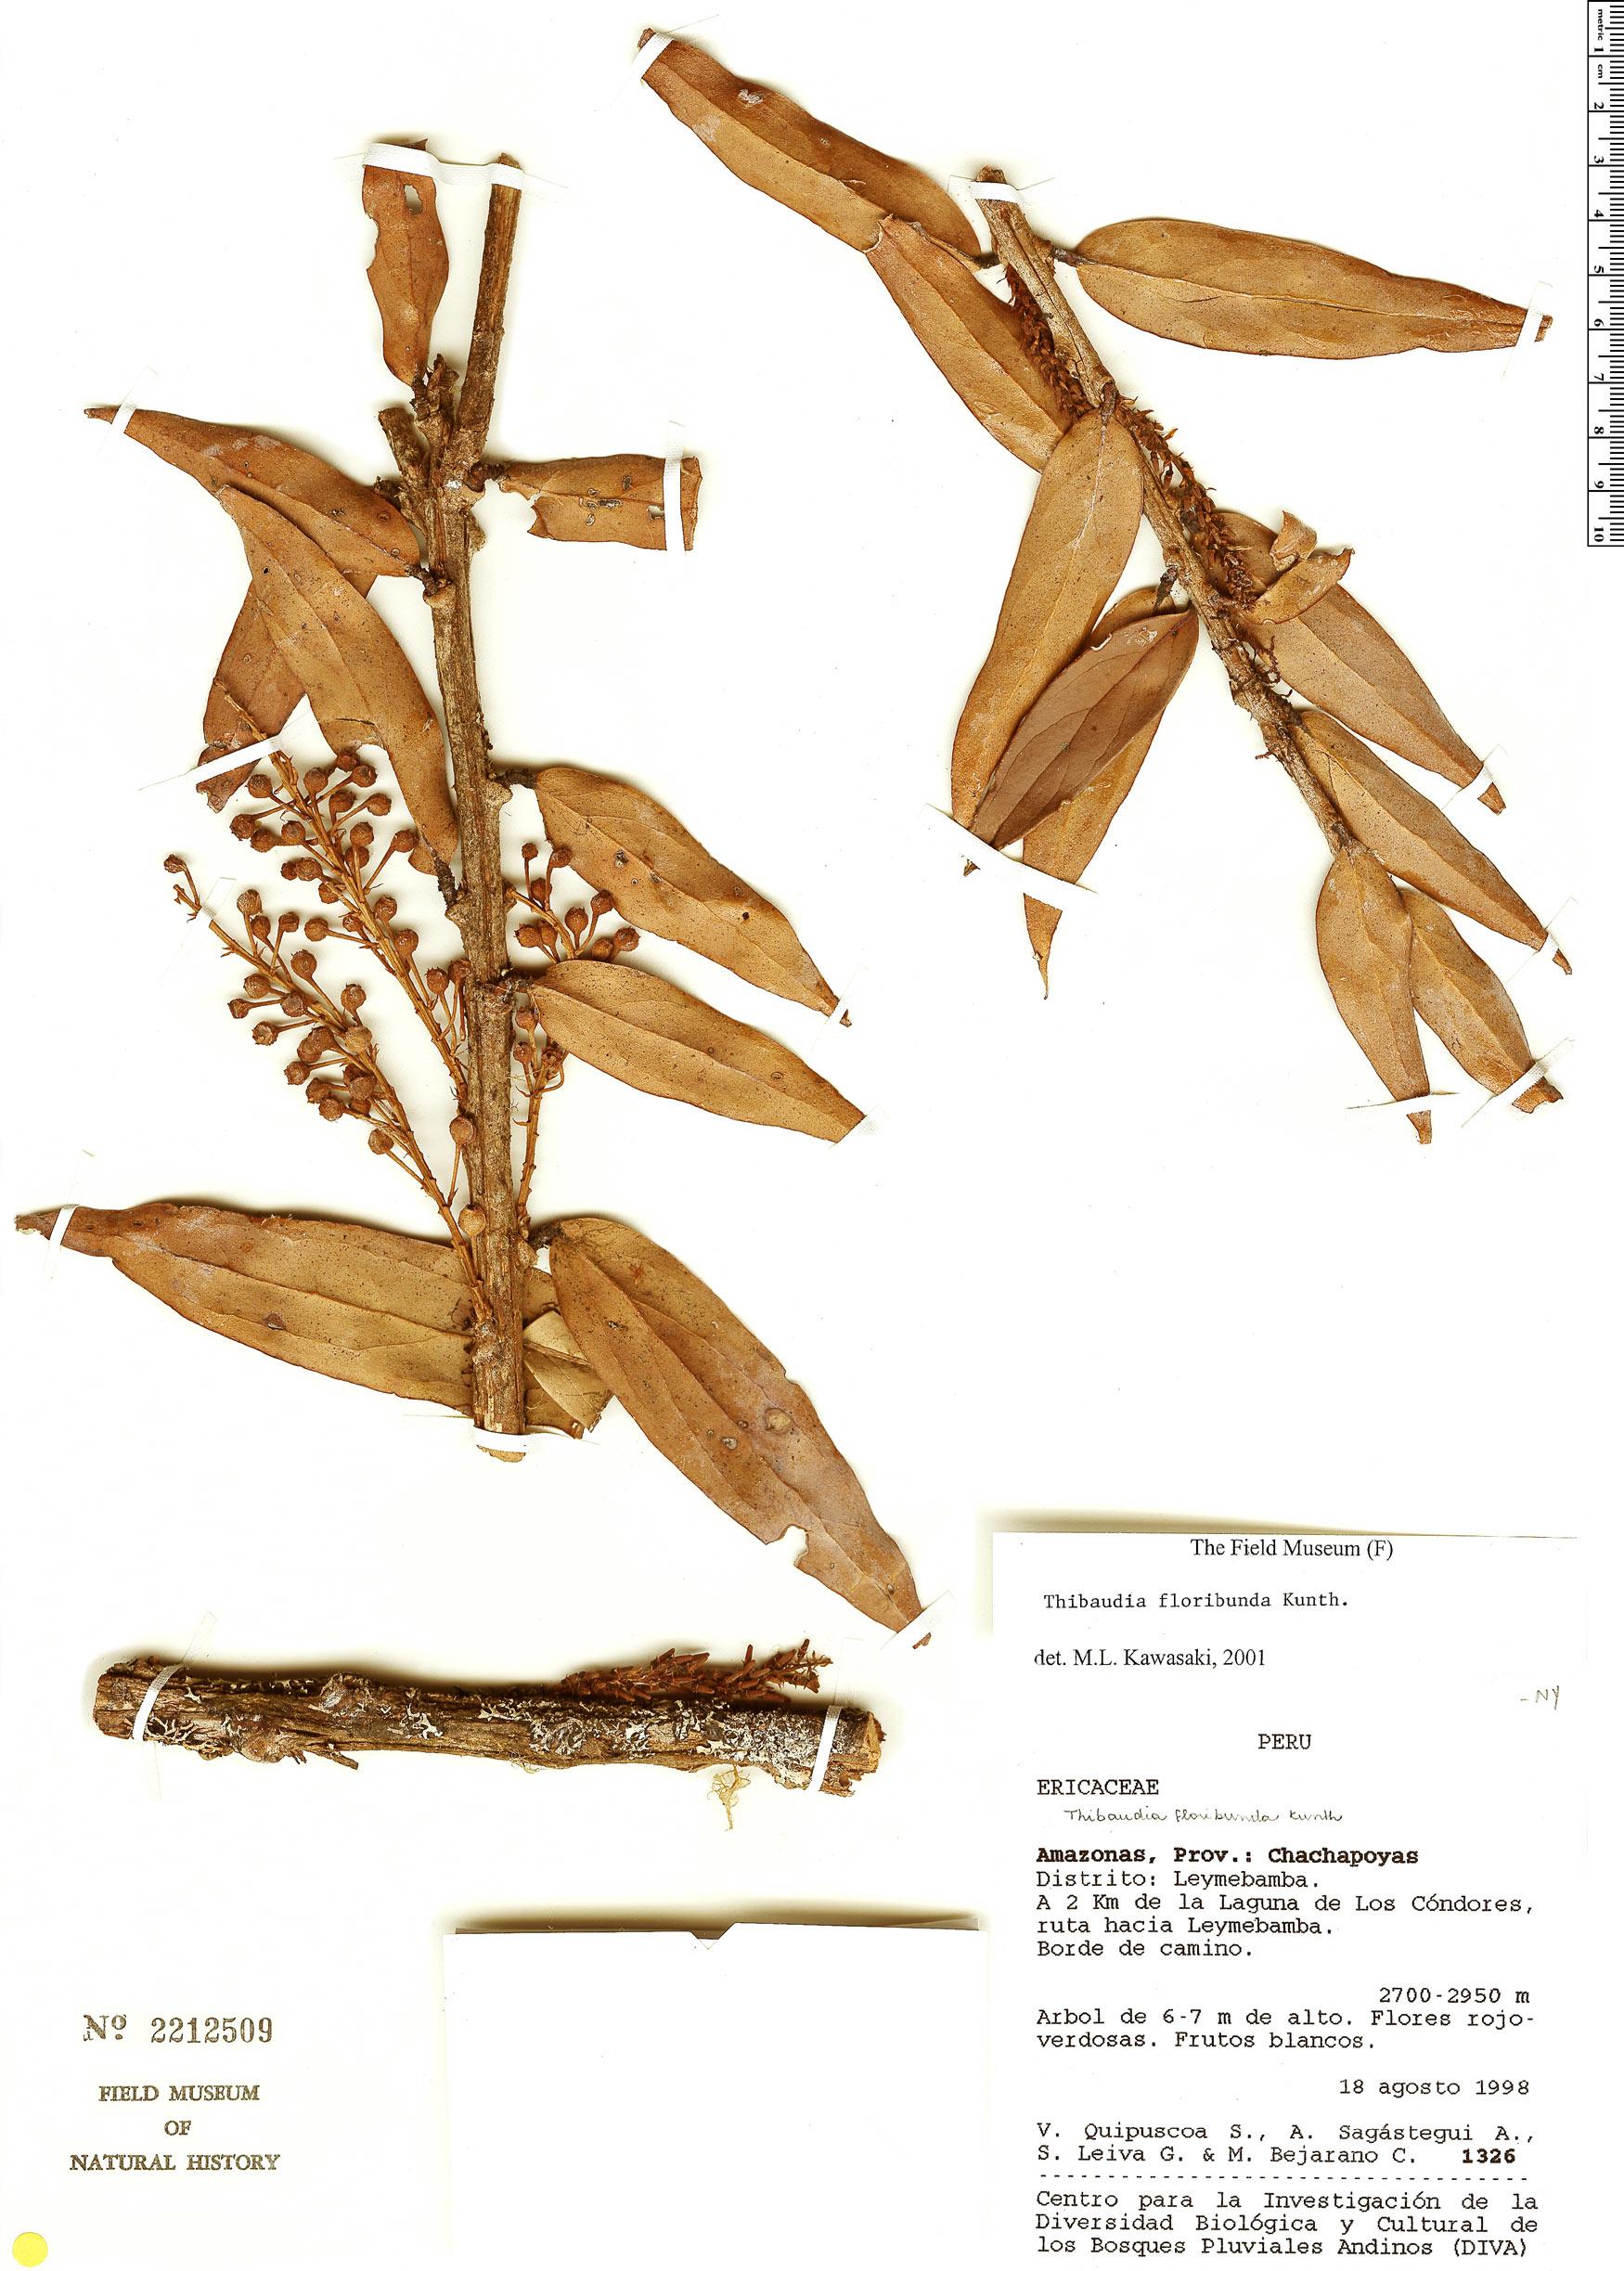 Specimen: Thibaudia floribunda